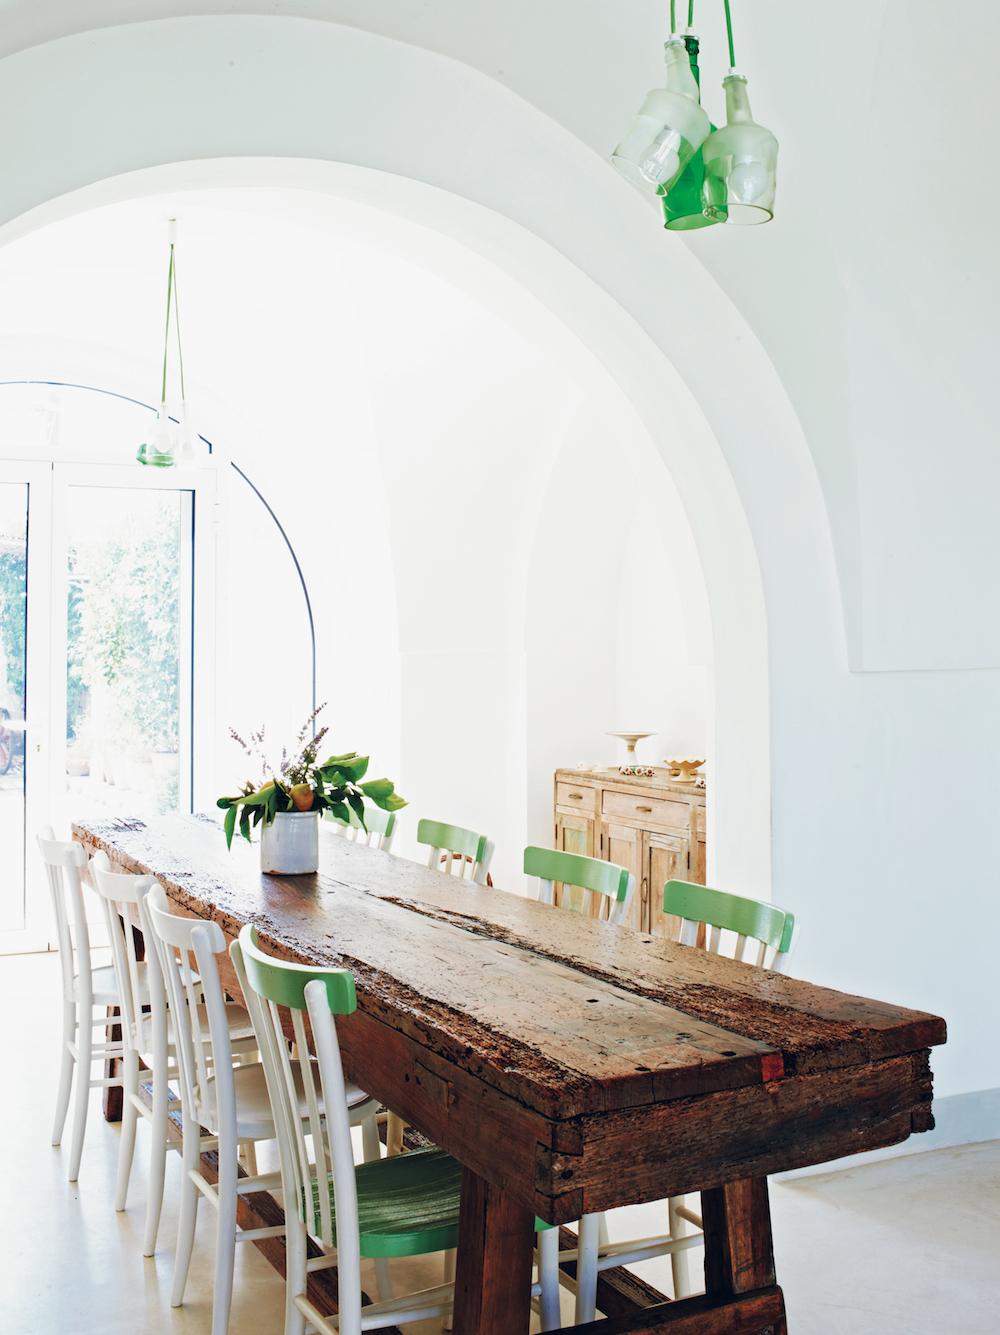 Italian Rustic: Home of architect Raffaele Centonze & family in the southern Italian region of Puglia.